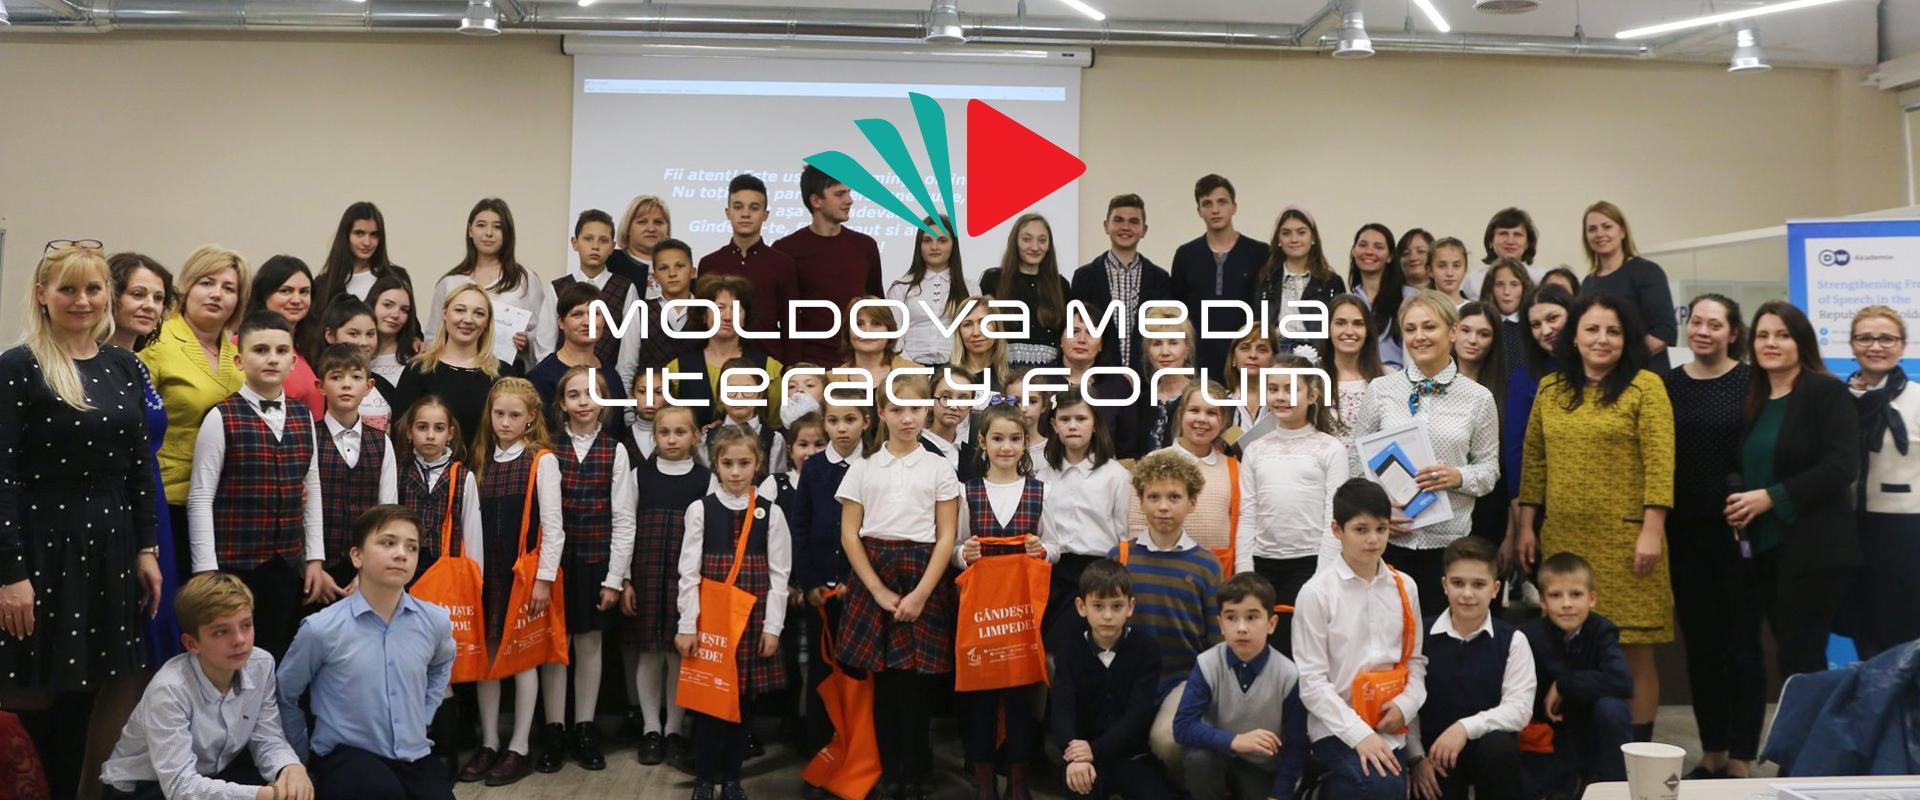 PRIMUL FORUM DE EDUCAȚIE MEDIA